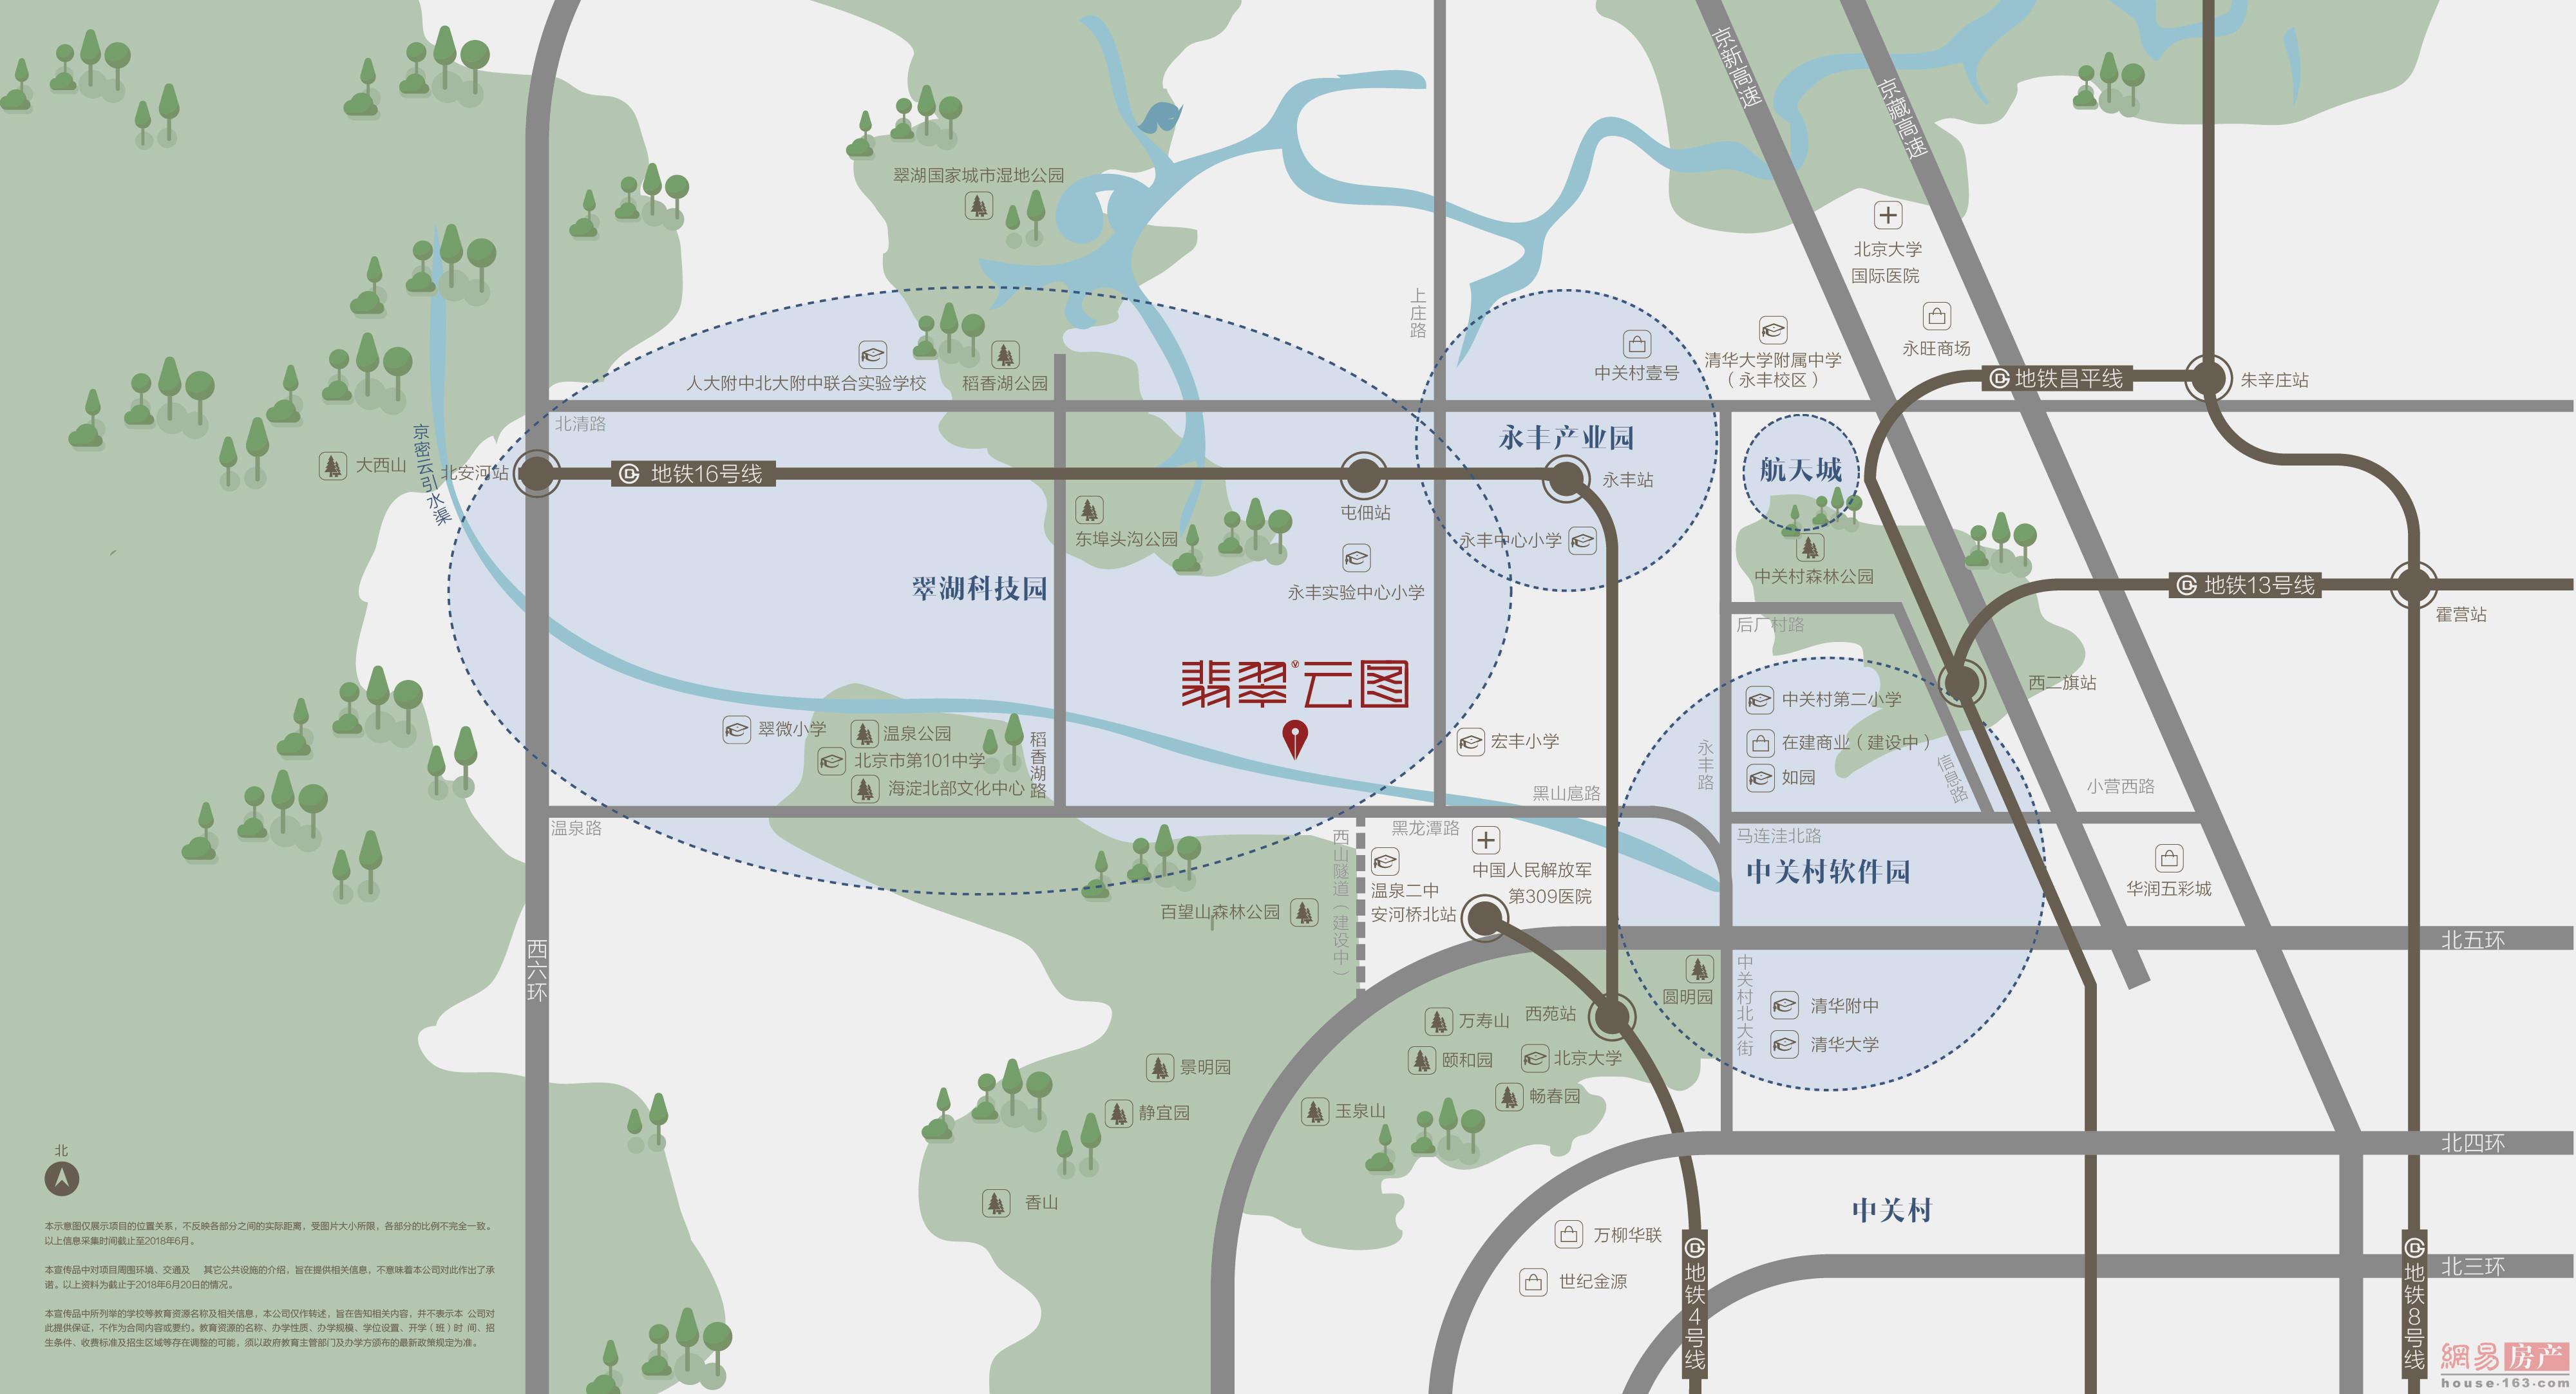 北京万科翡翠云图交通图图片